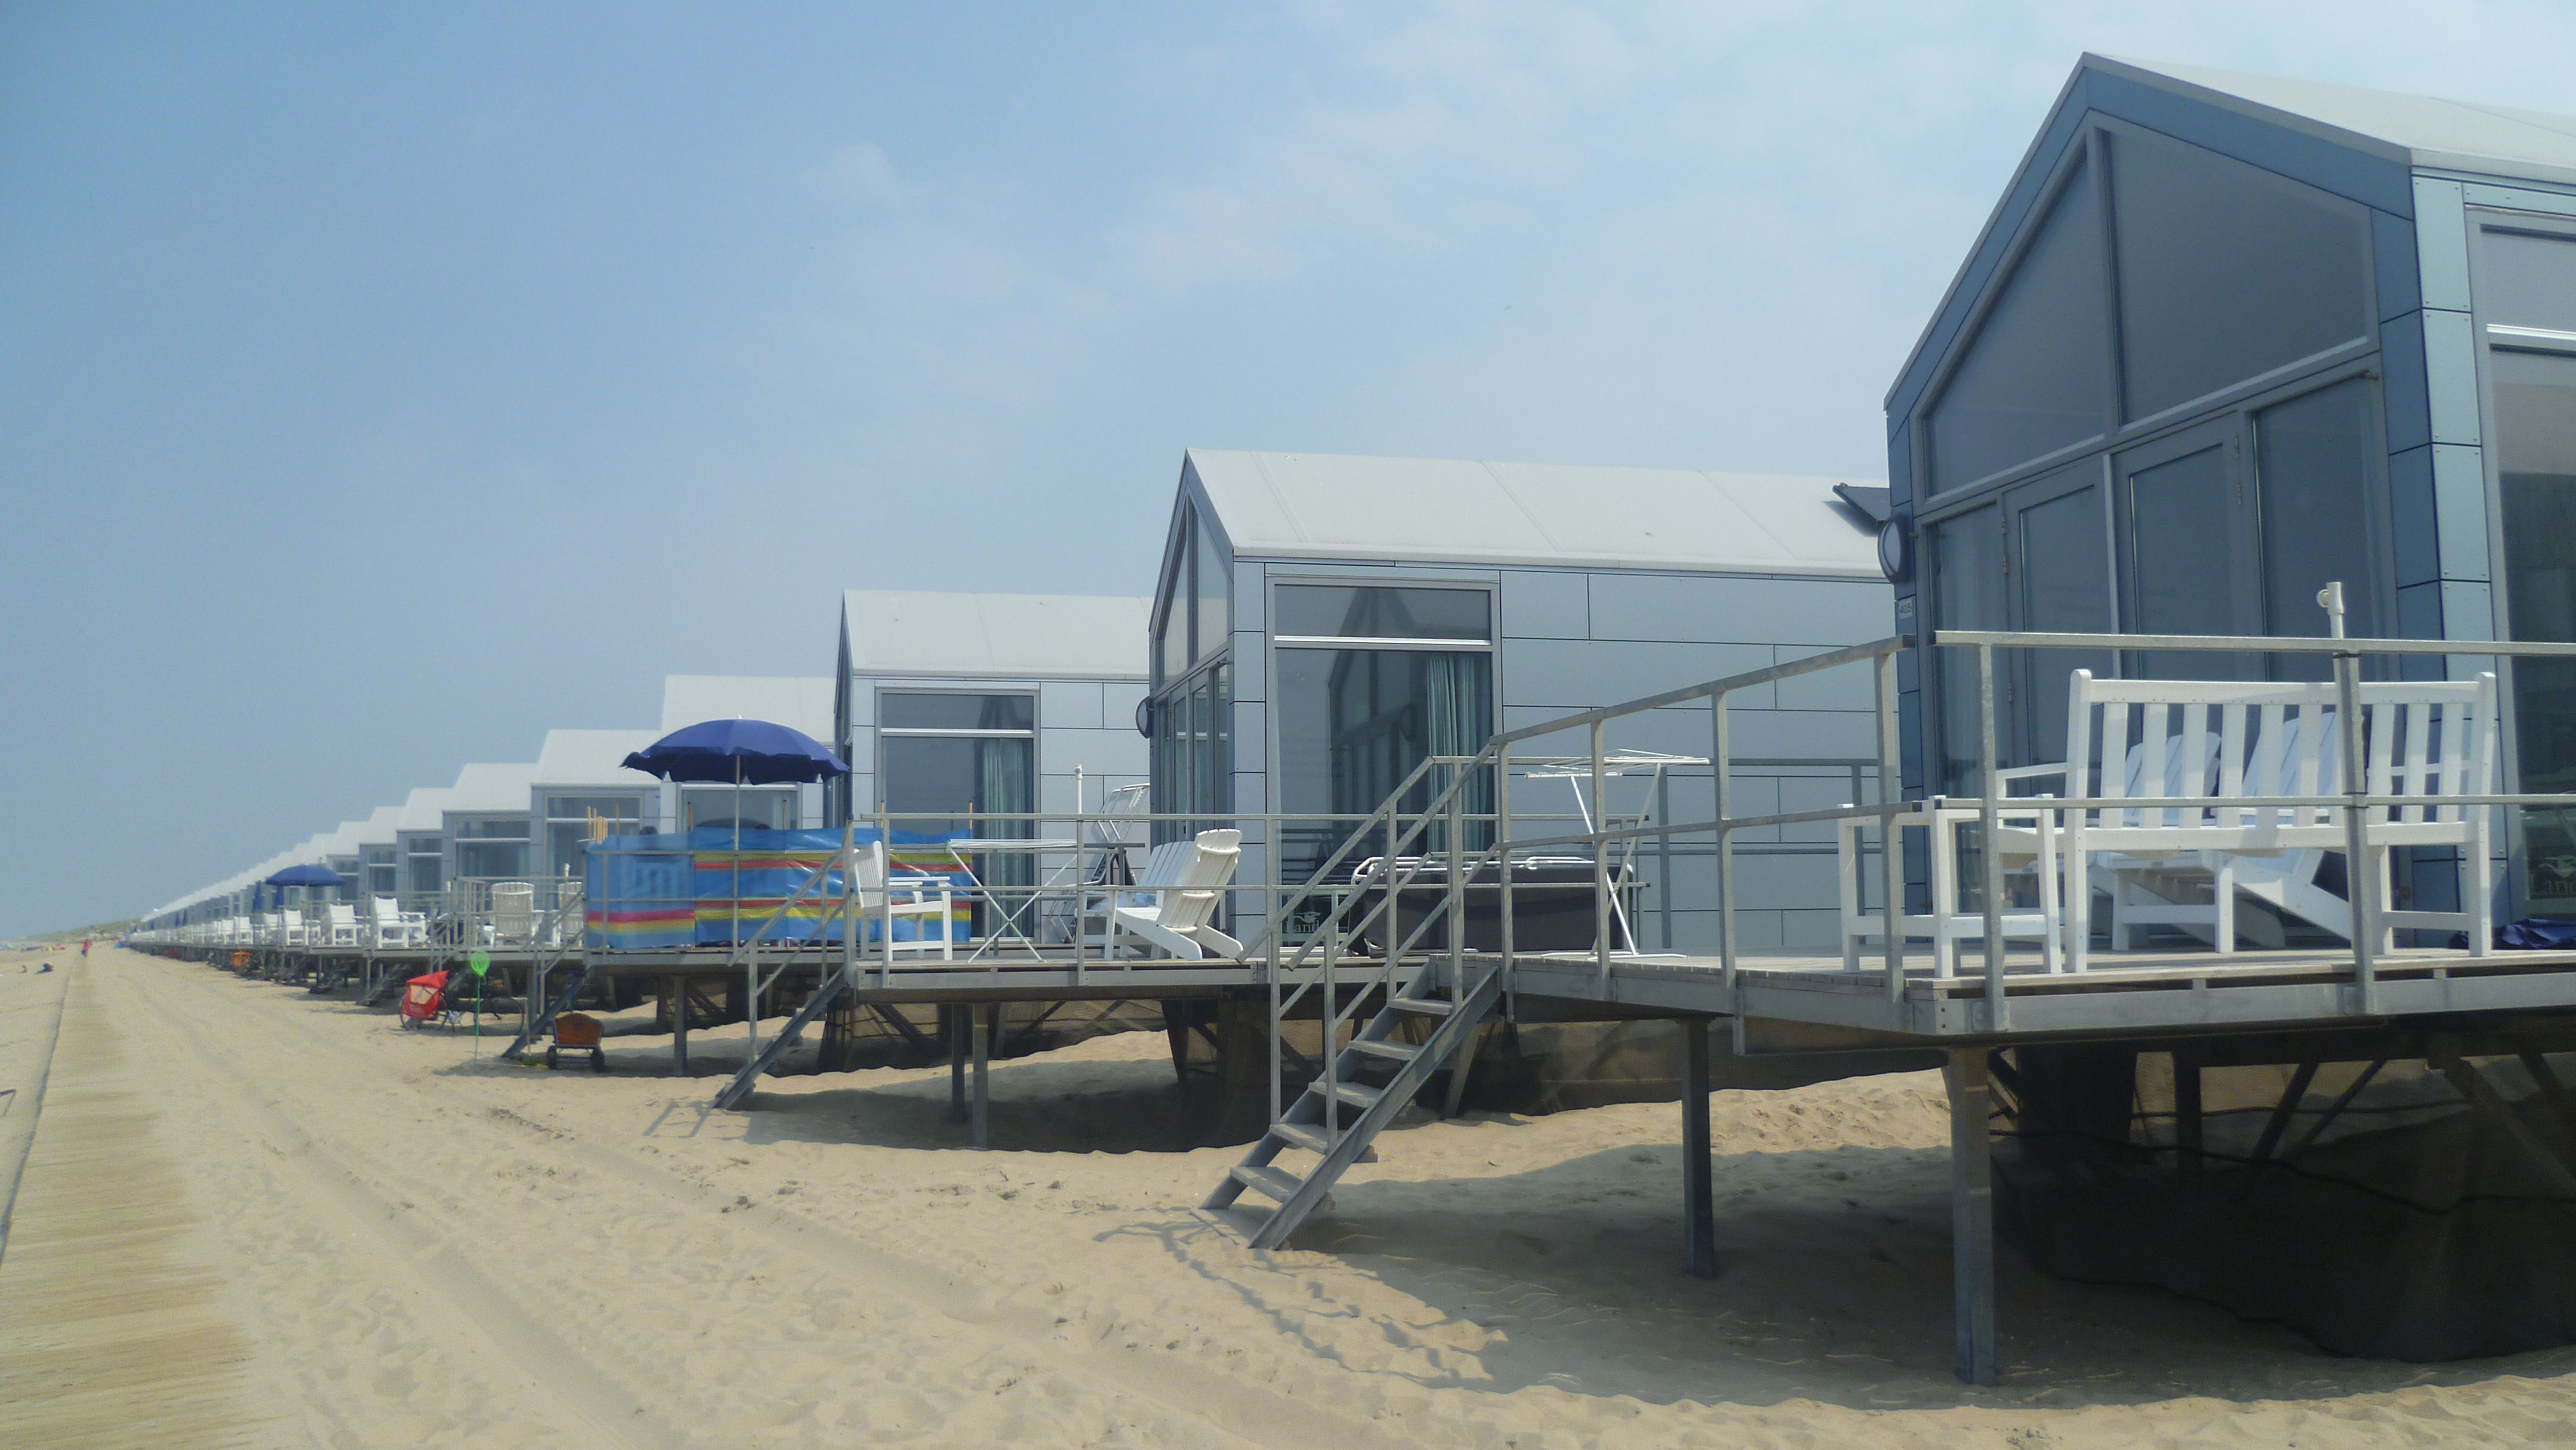 Julianadorp aan zee strandhuis - Google zoeken